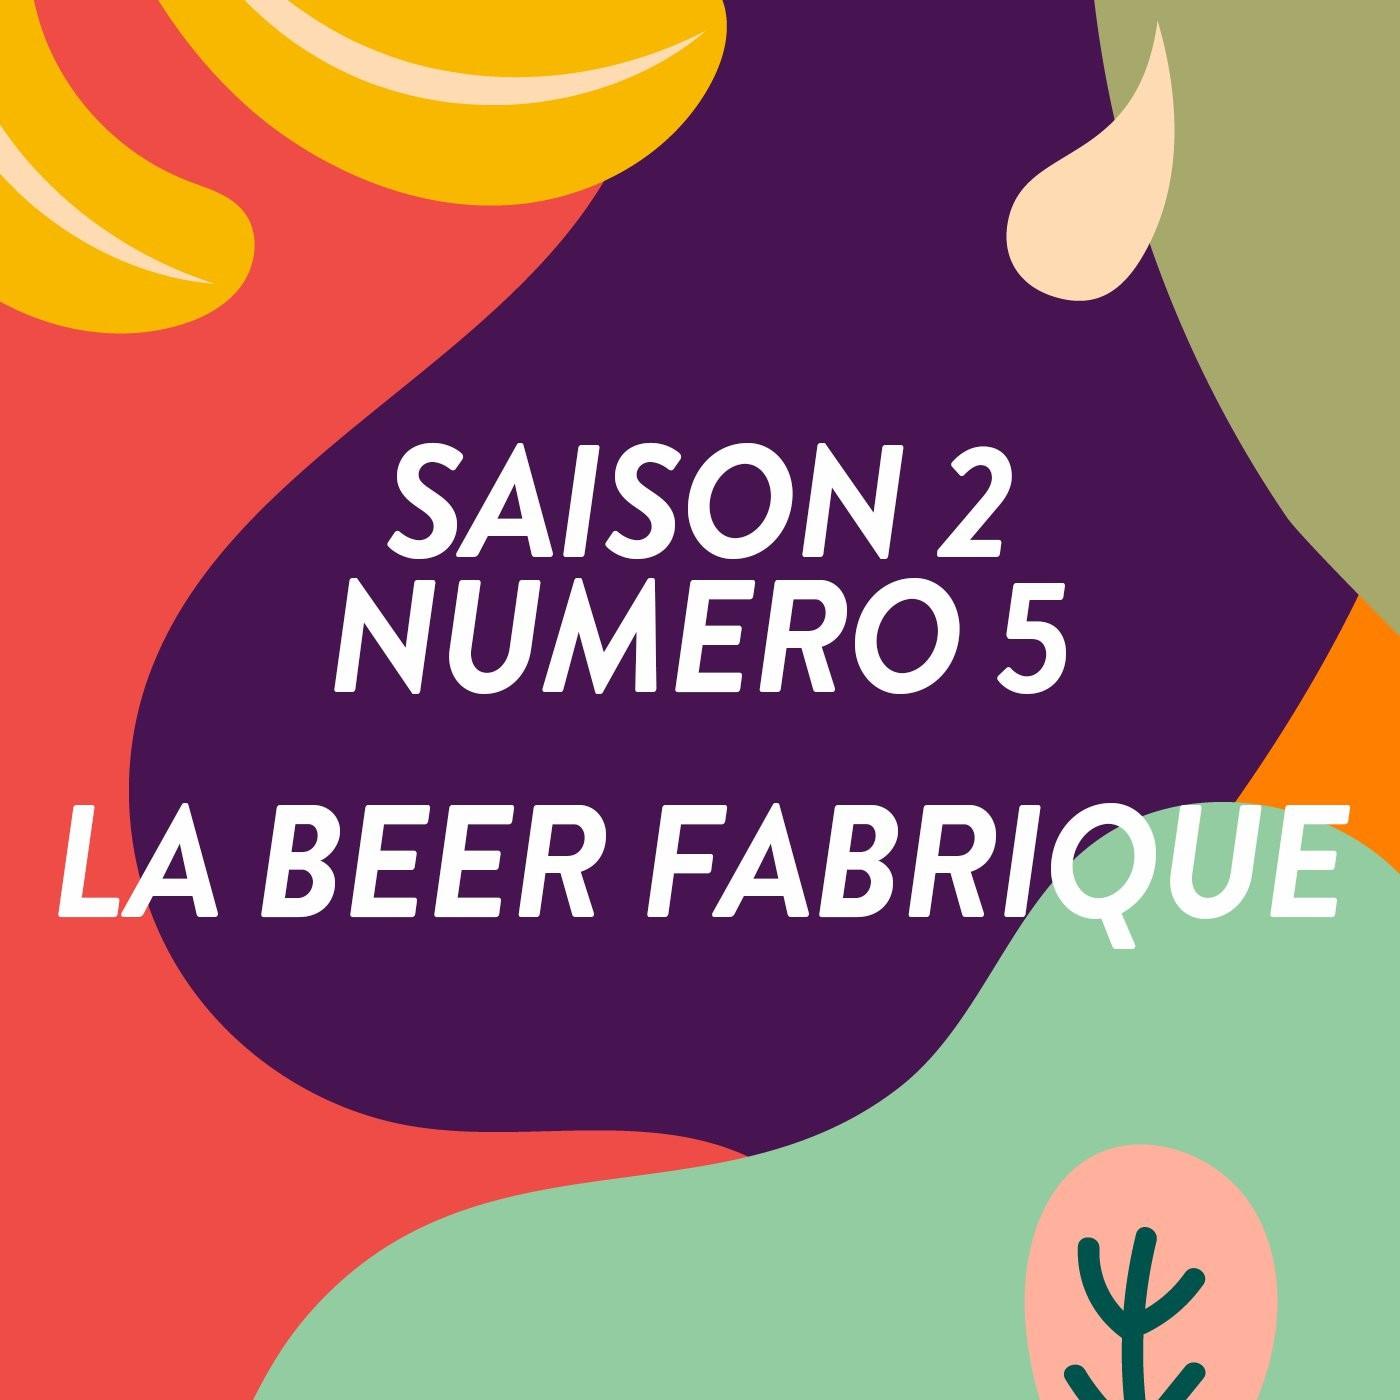 La Beer Fabrique /#5 S2